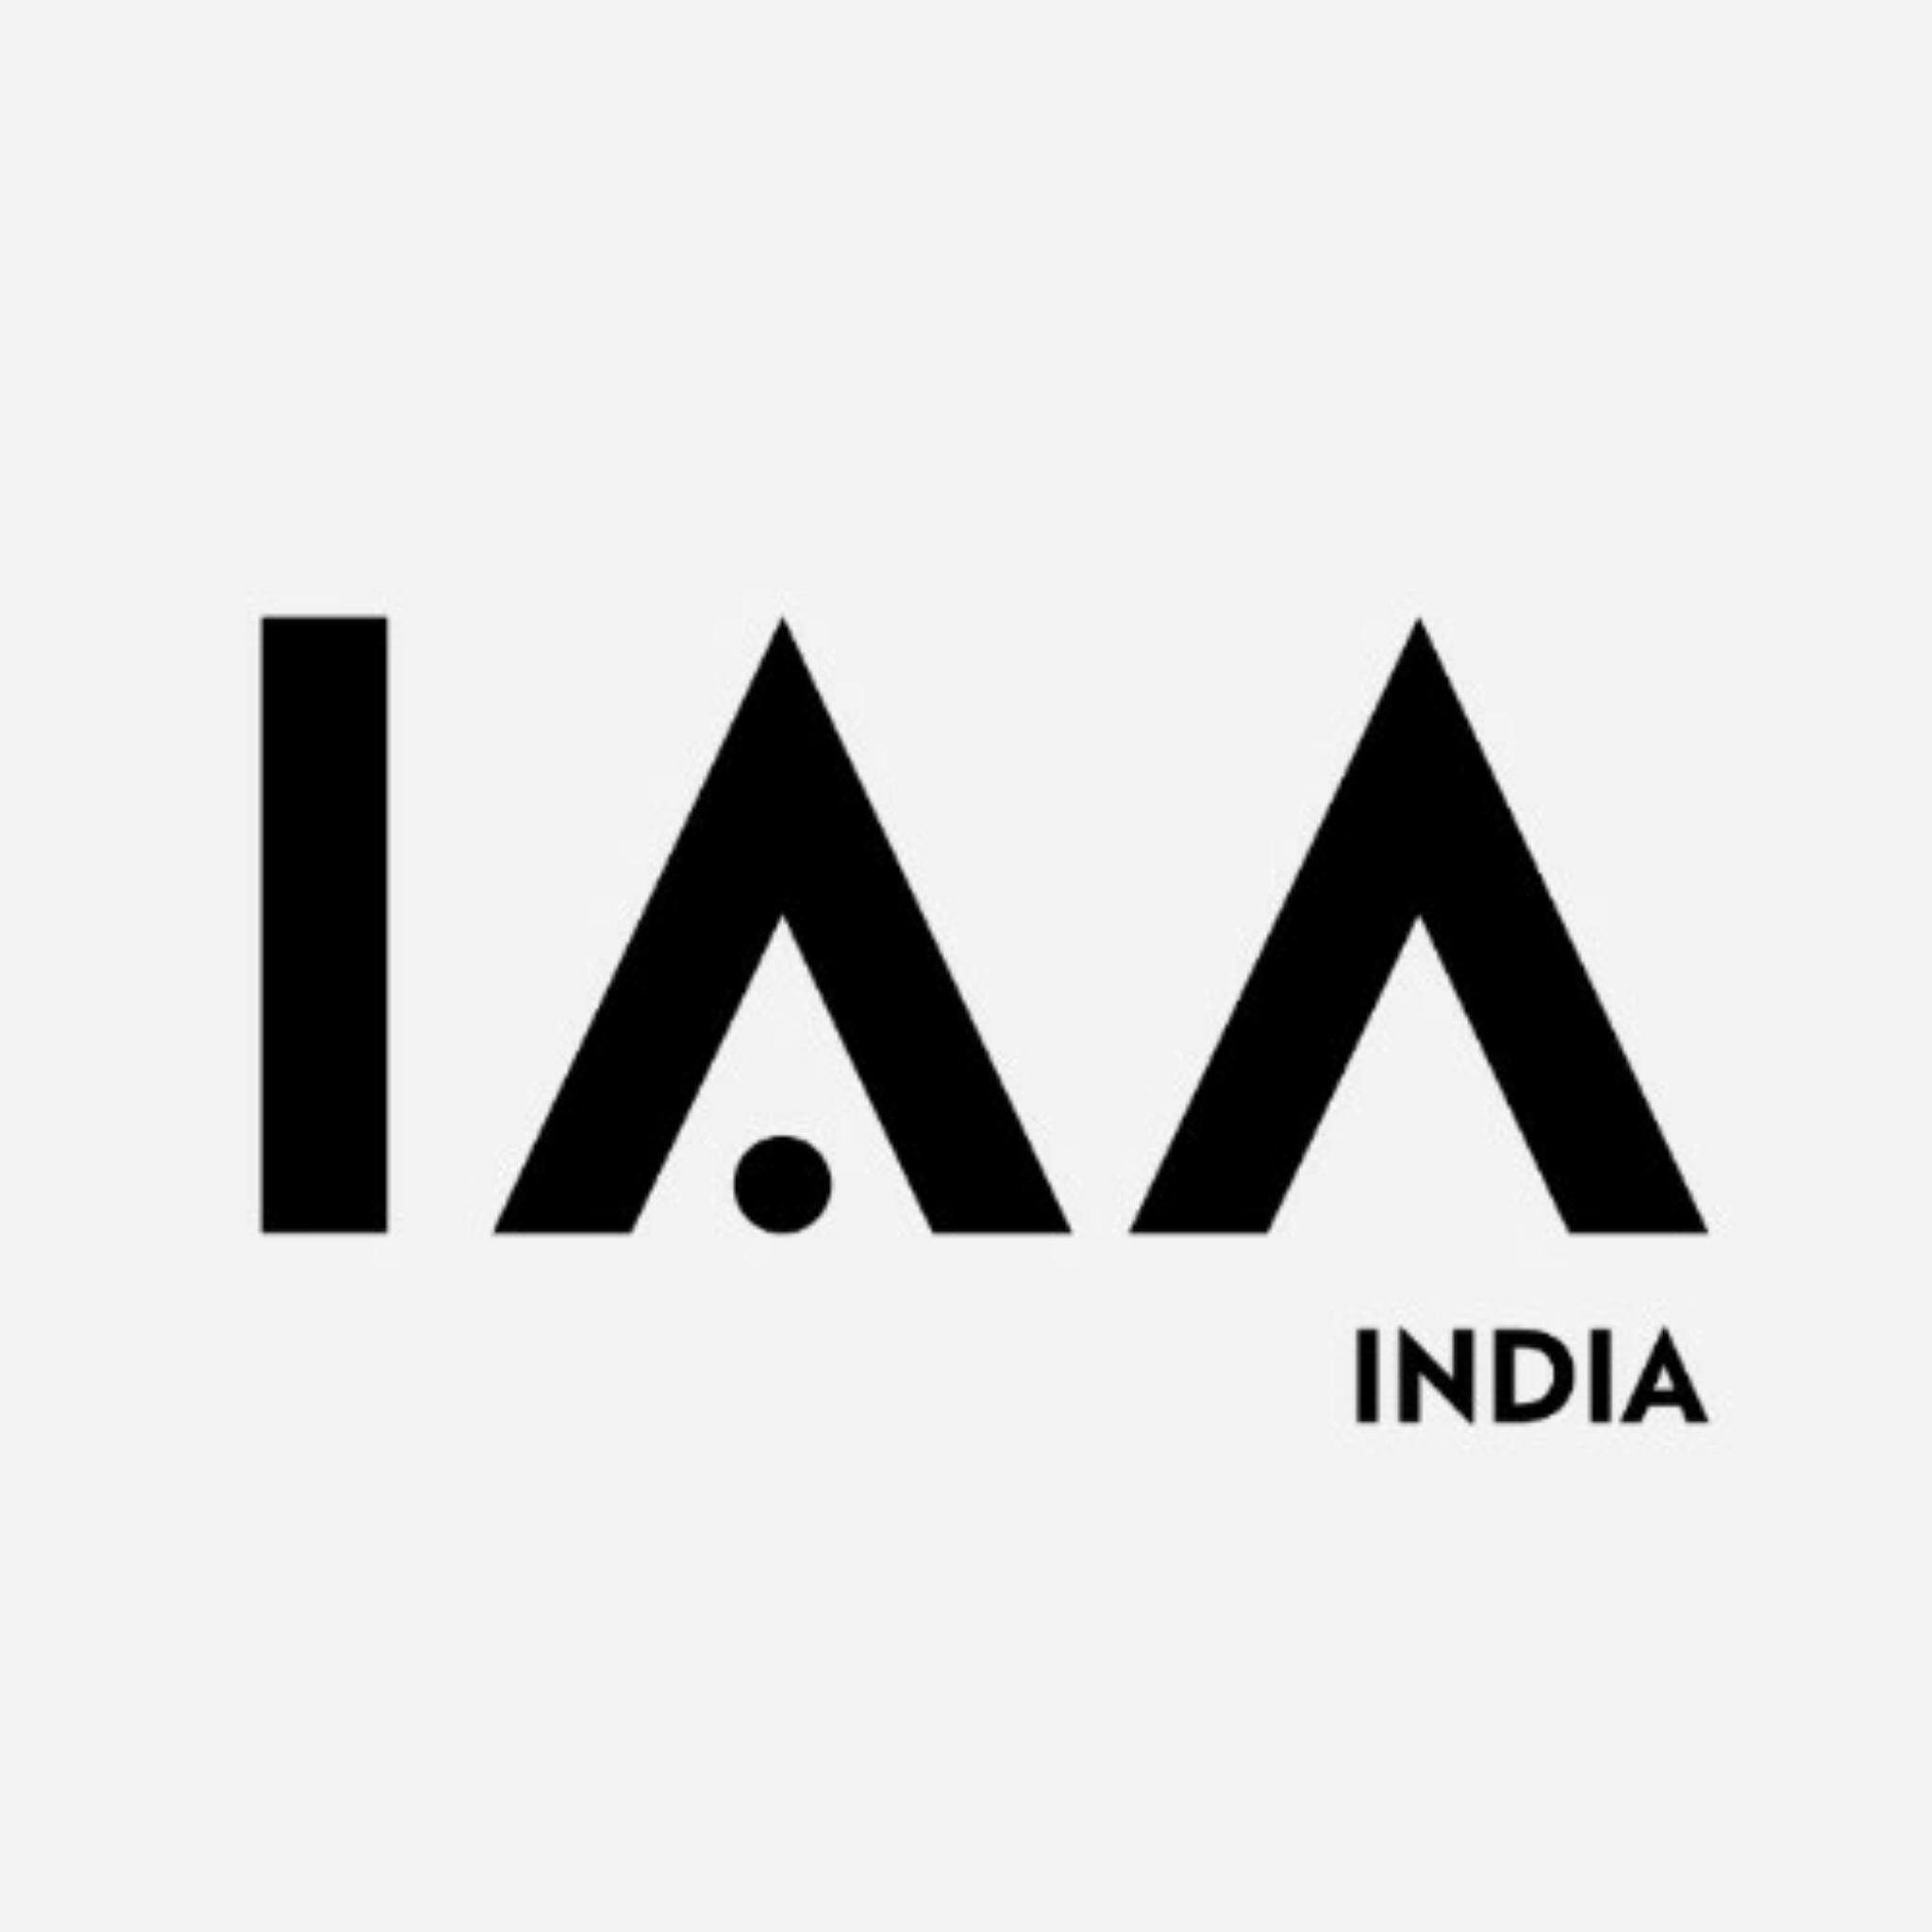 https://indiantelevision.com/sites/default/files/styles/smartcrop_800x800/public/images/tv-images/2021/07/21/photogrid_plus_1626856257486.jpg?itok=0-jwxFGW